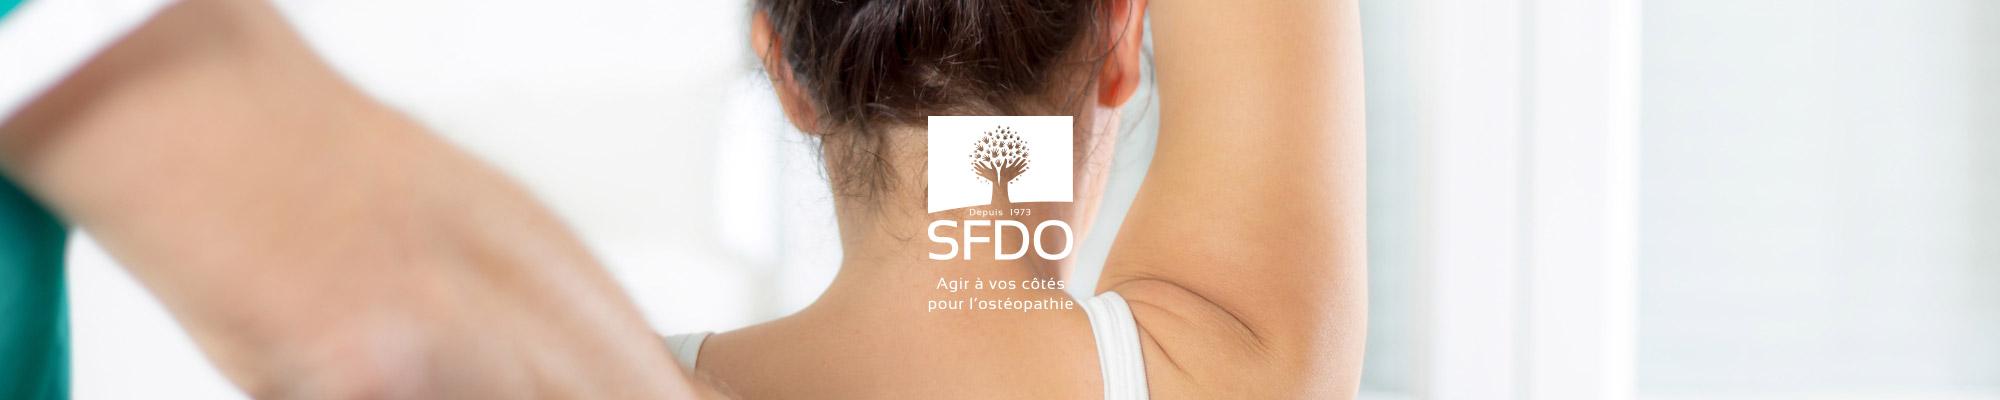 Identité Visuelle - SFDO (Syndicat Français Des Ostéopathes)